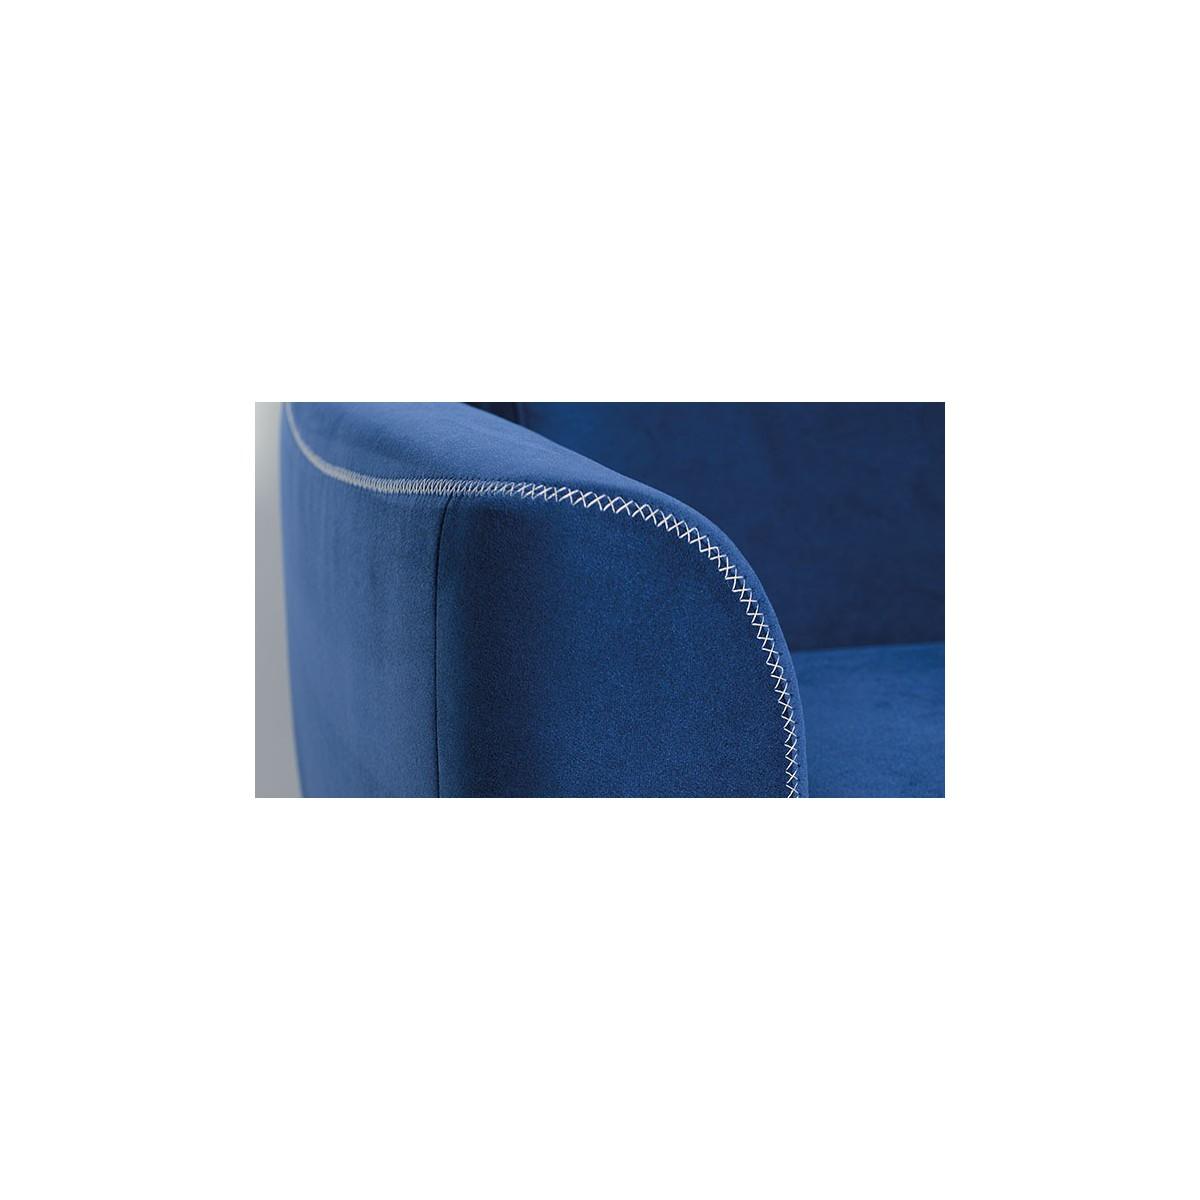 Narożnik Dianthus 265 x 165 cm